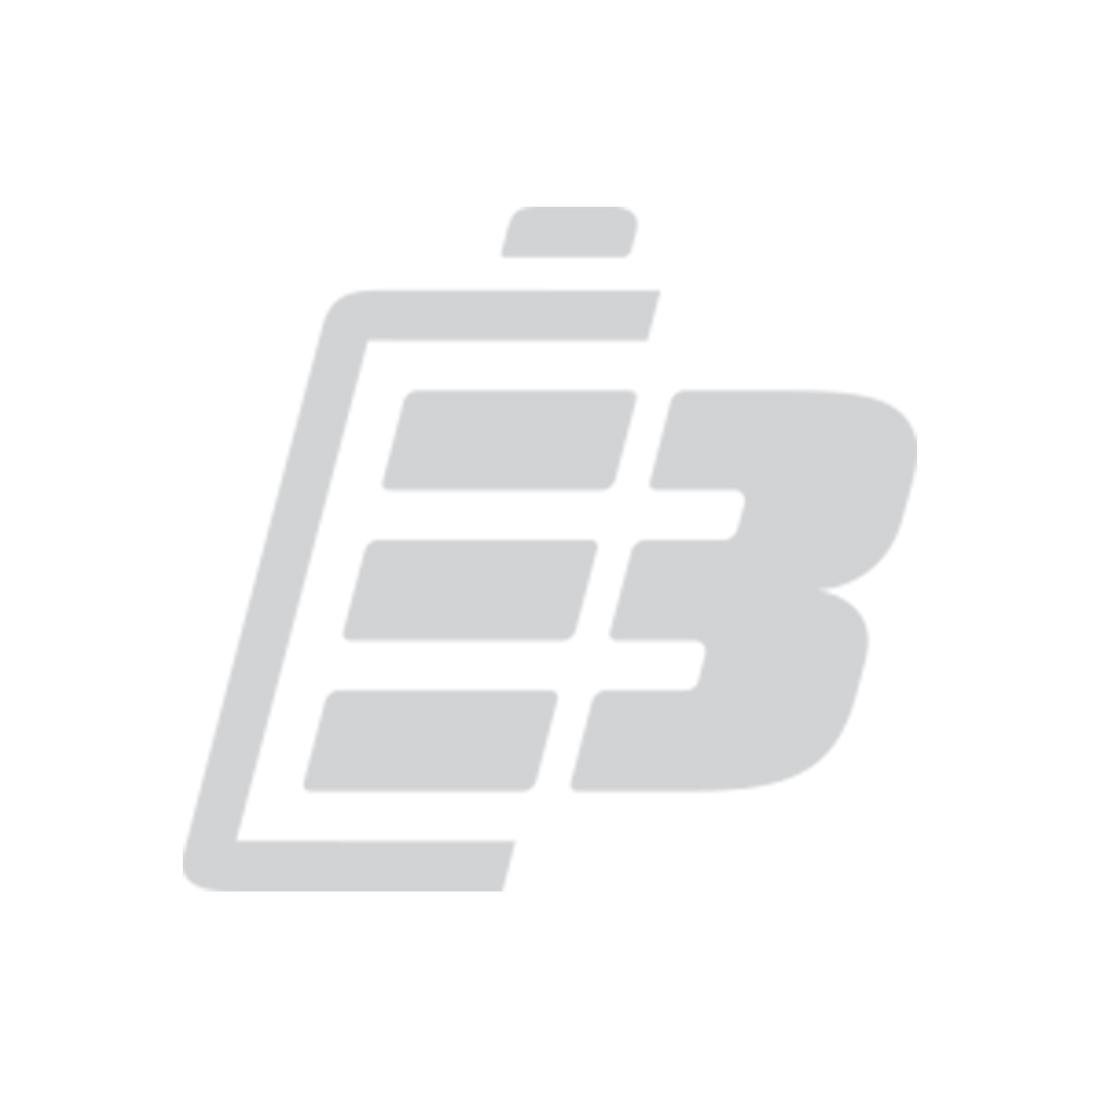 Μπαταρία ηλεκτρικού εργαλείου AEG 14.4V 2.0Ah_1